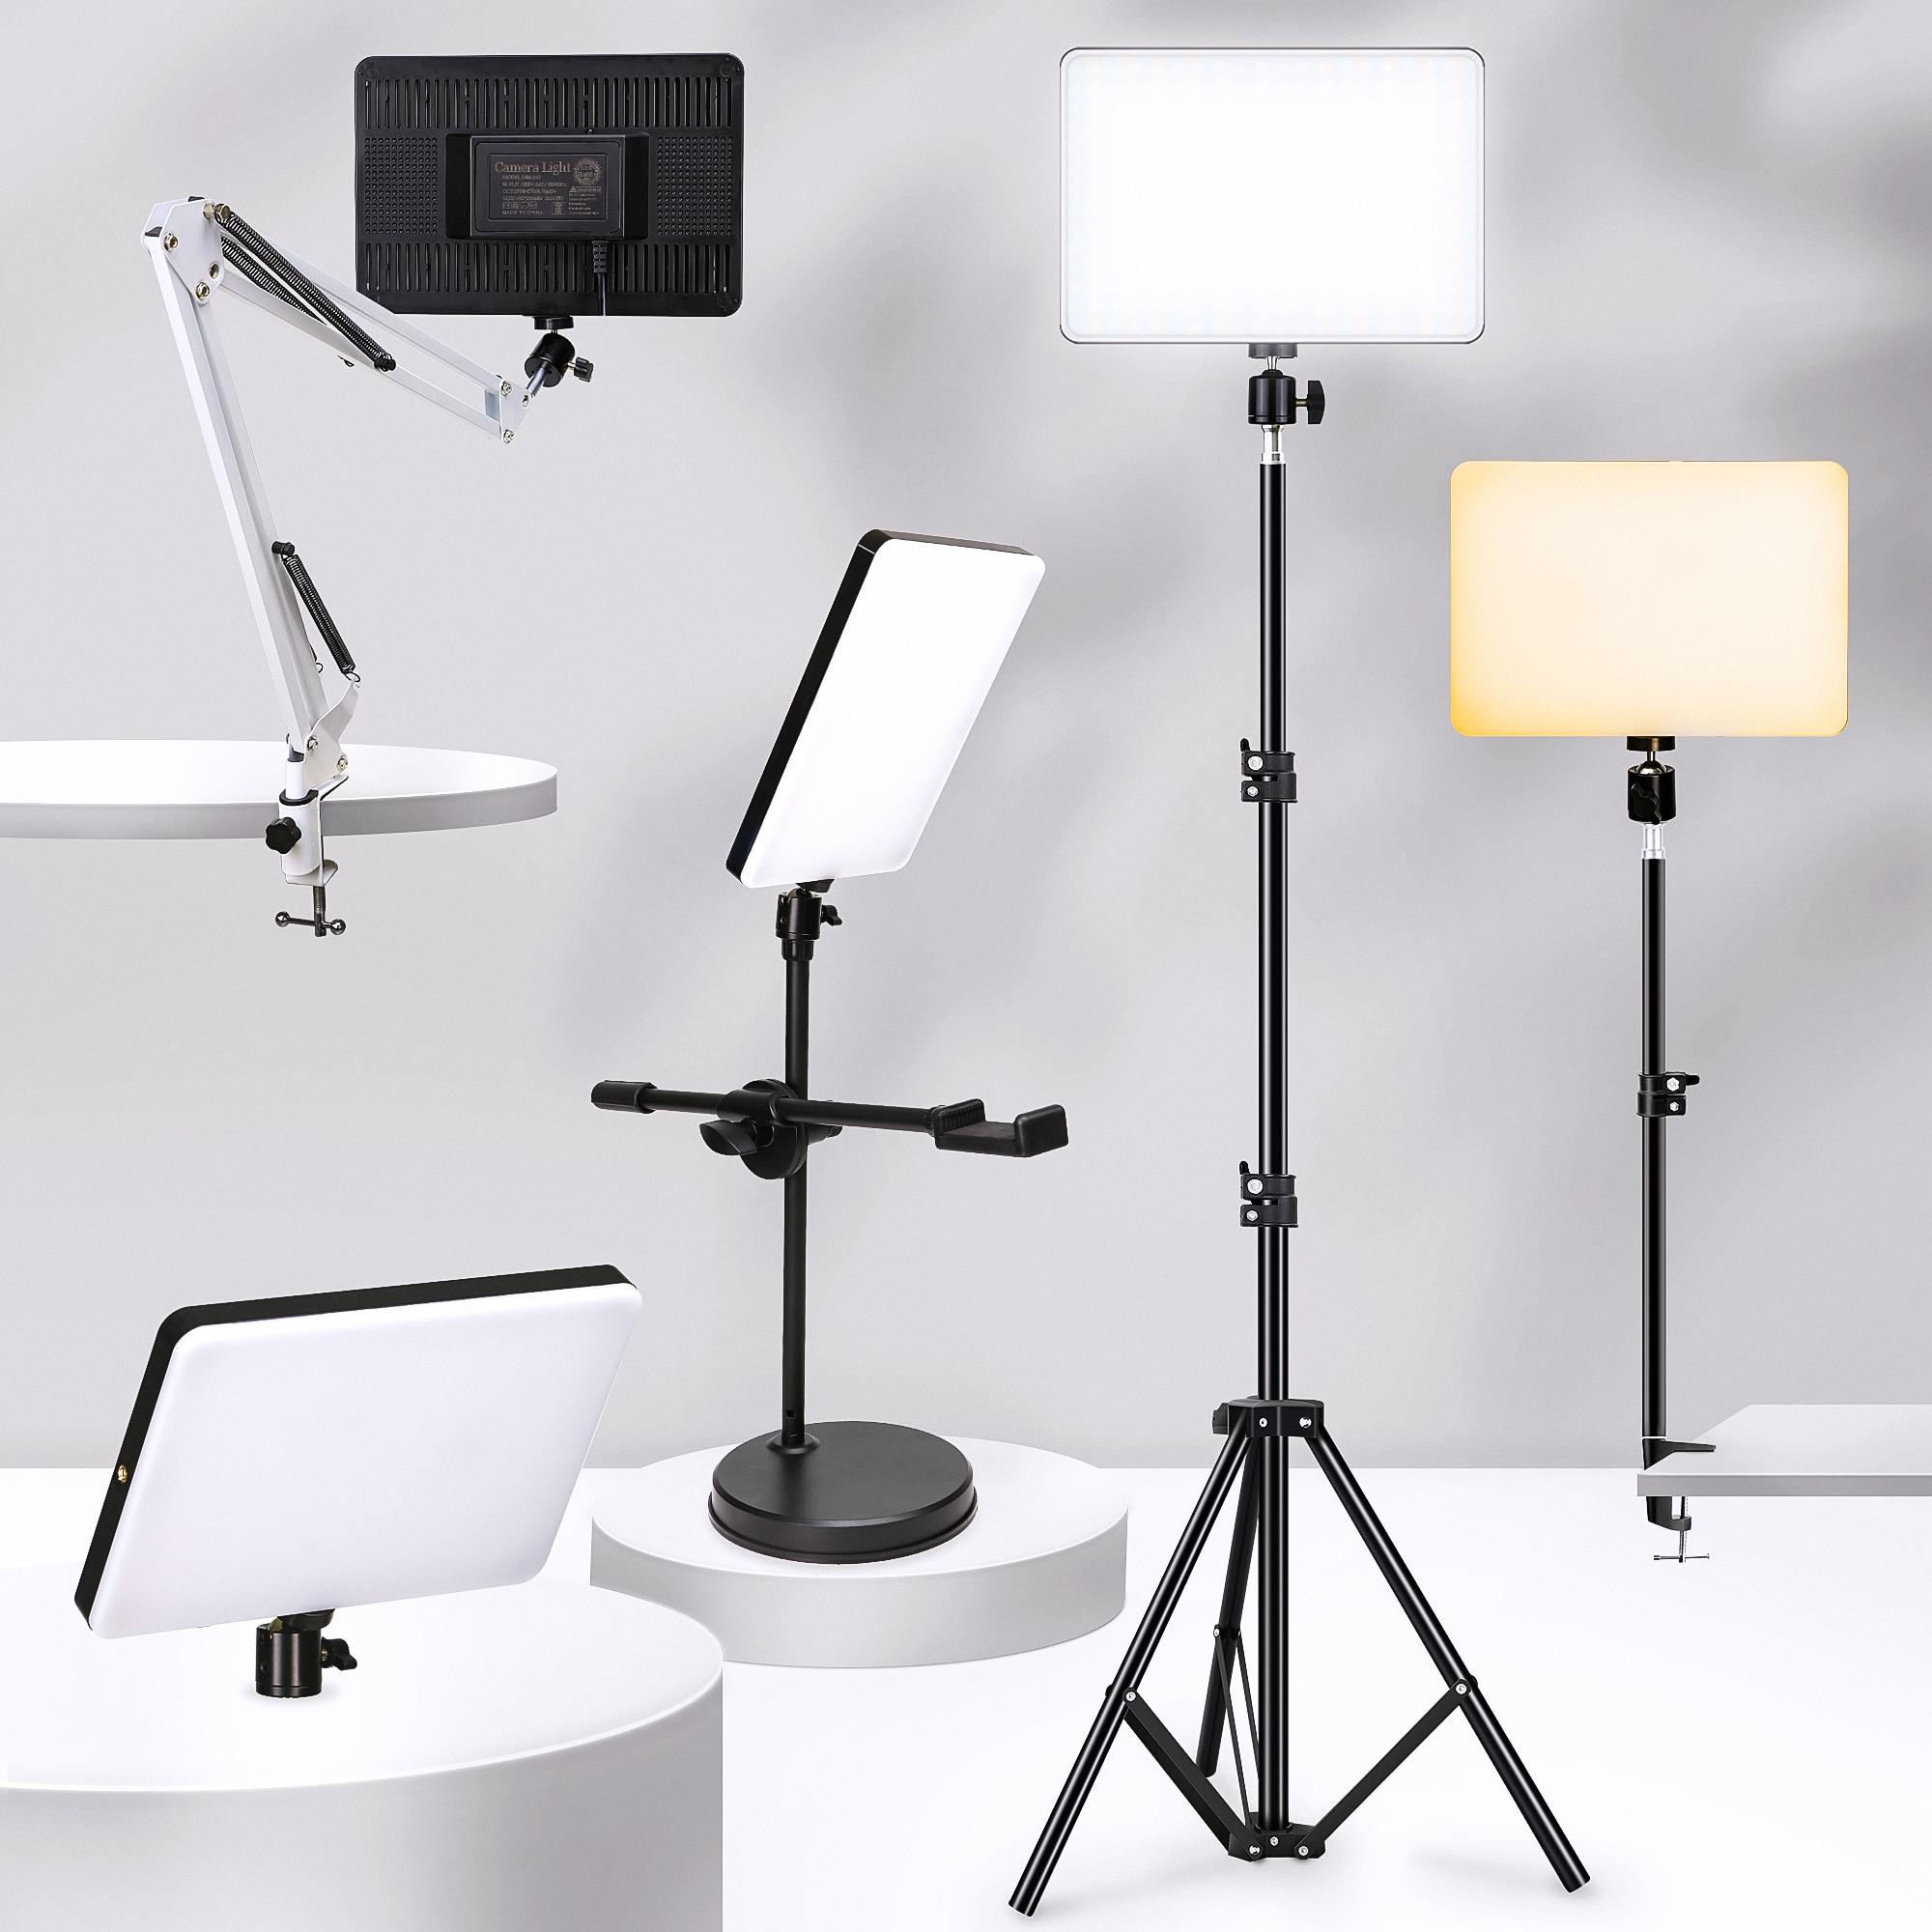 عكس الضوء LED الفيديو الضوئي لوحة الاتحاد الأوروبي التوصيل 2700k-5700k التصوير الإضاءة للبث المباشر استوديو الصور ملء مصباح ثلاثة ألوان